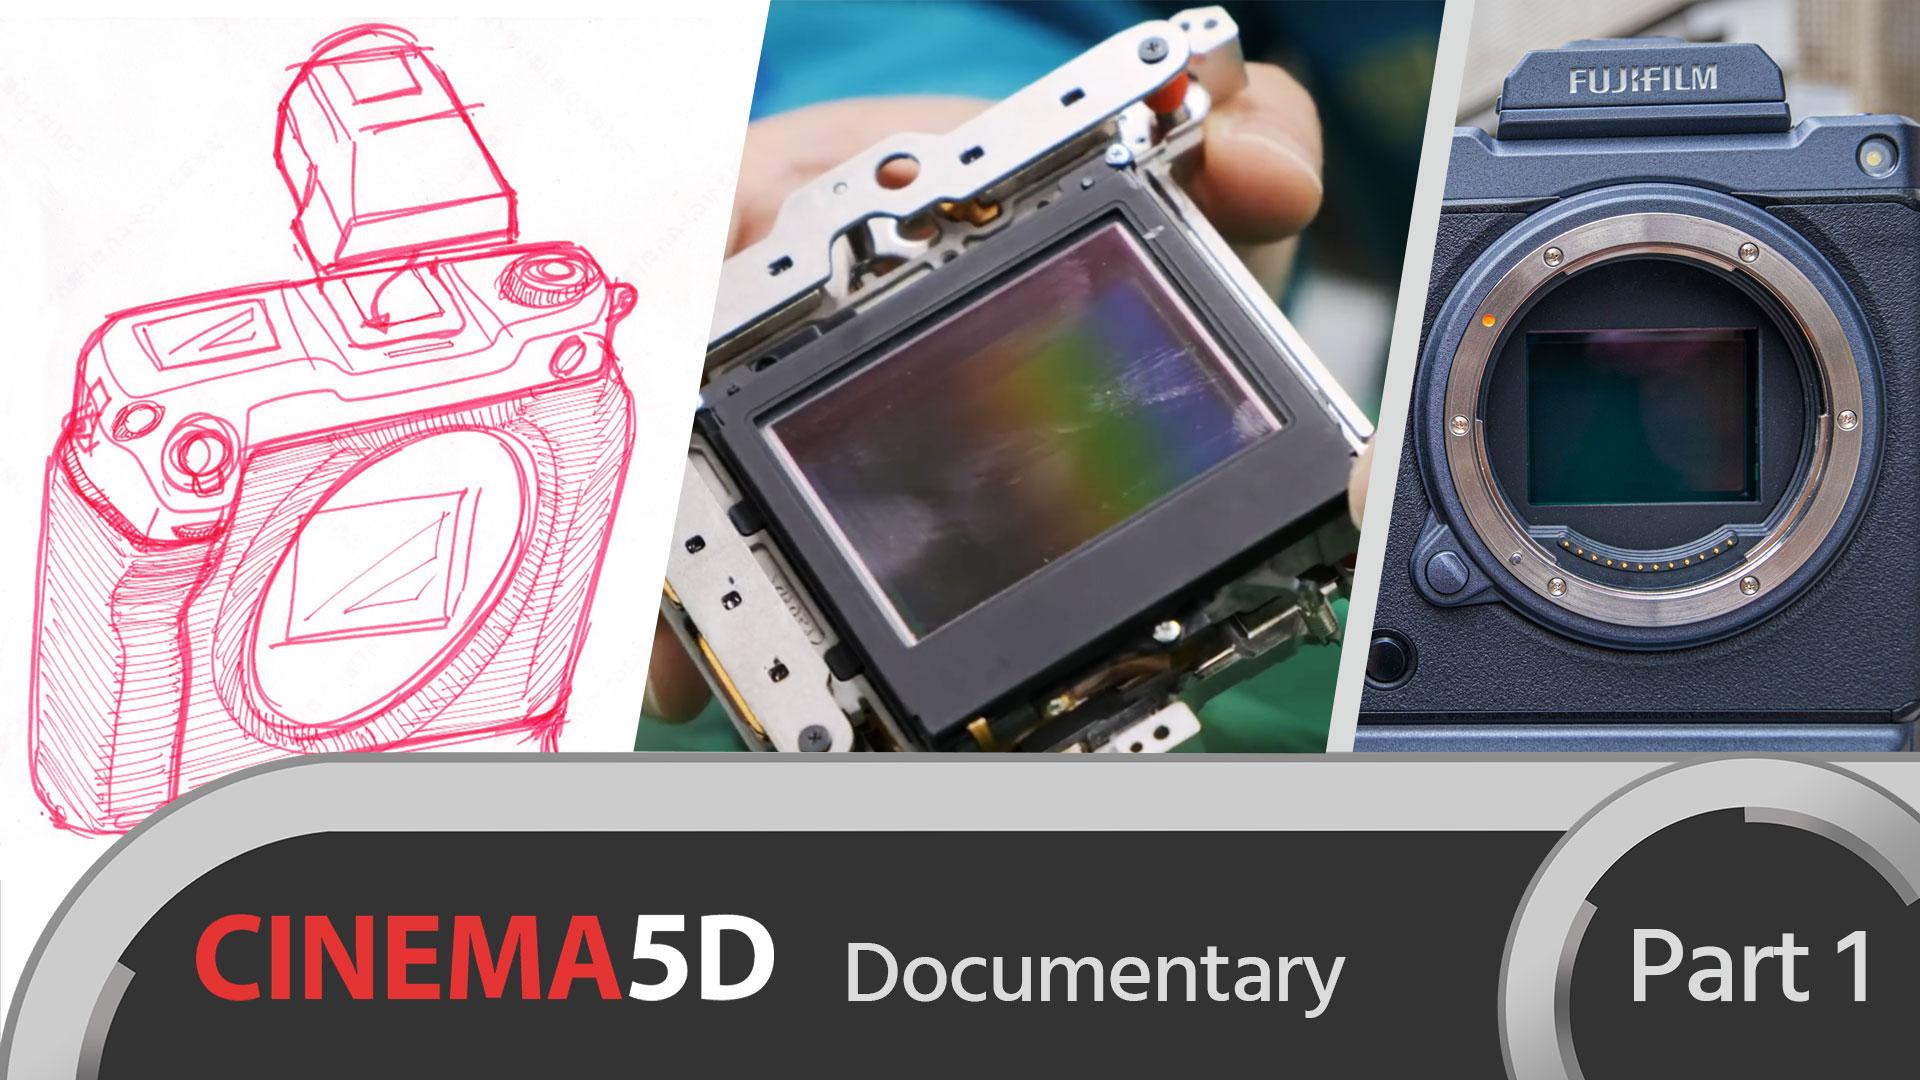 El nacimiento de una cámara: FUJIFILM GFX 100 - Parte 1